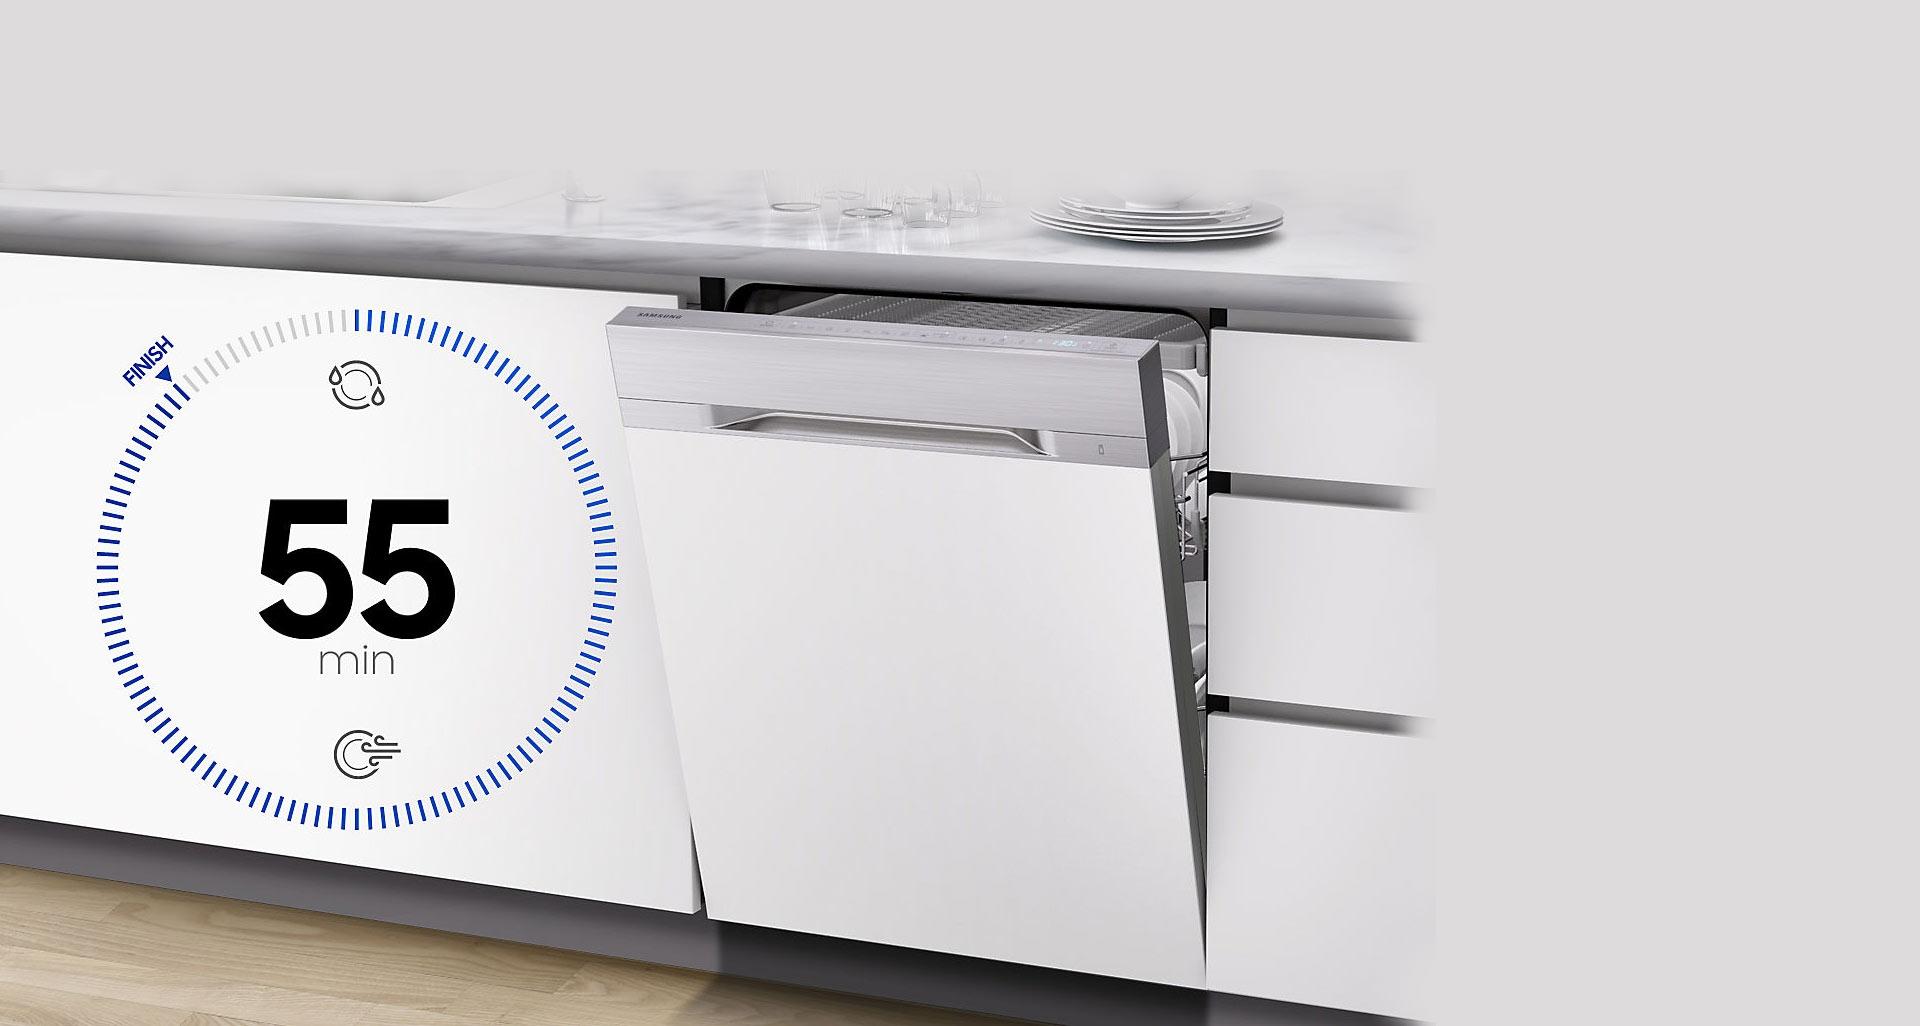 شست و شو با ماشین ظرفشویی D164 تنها در 55 دقیقه